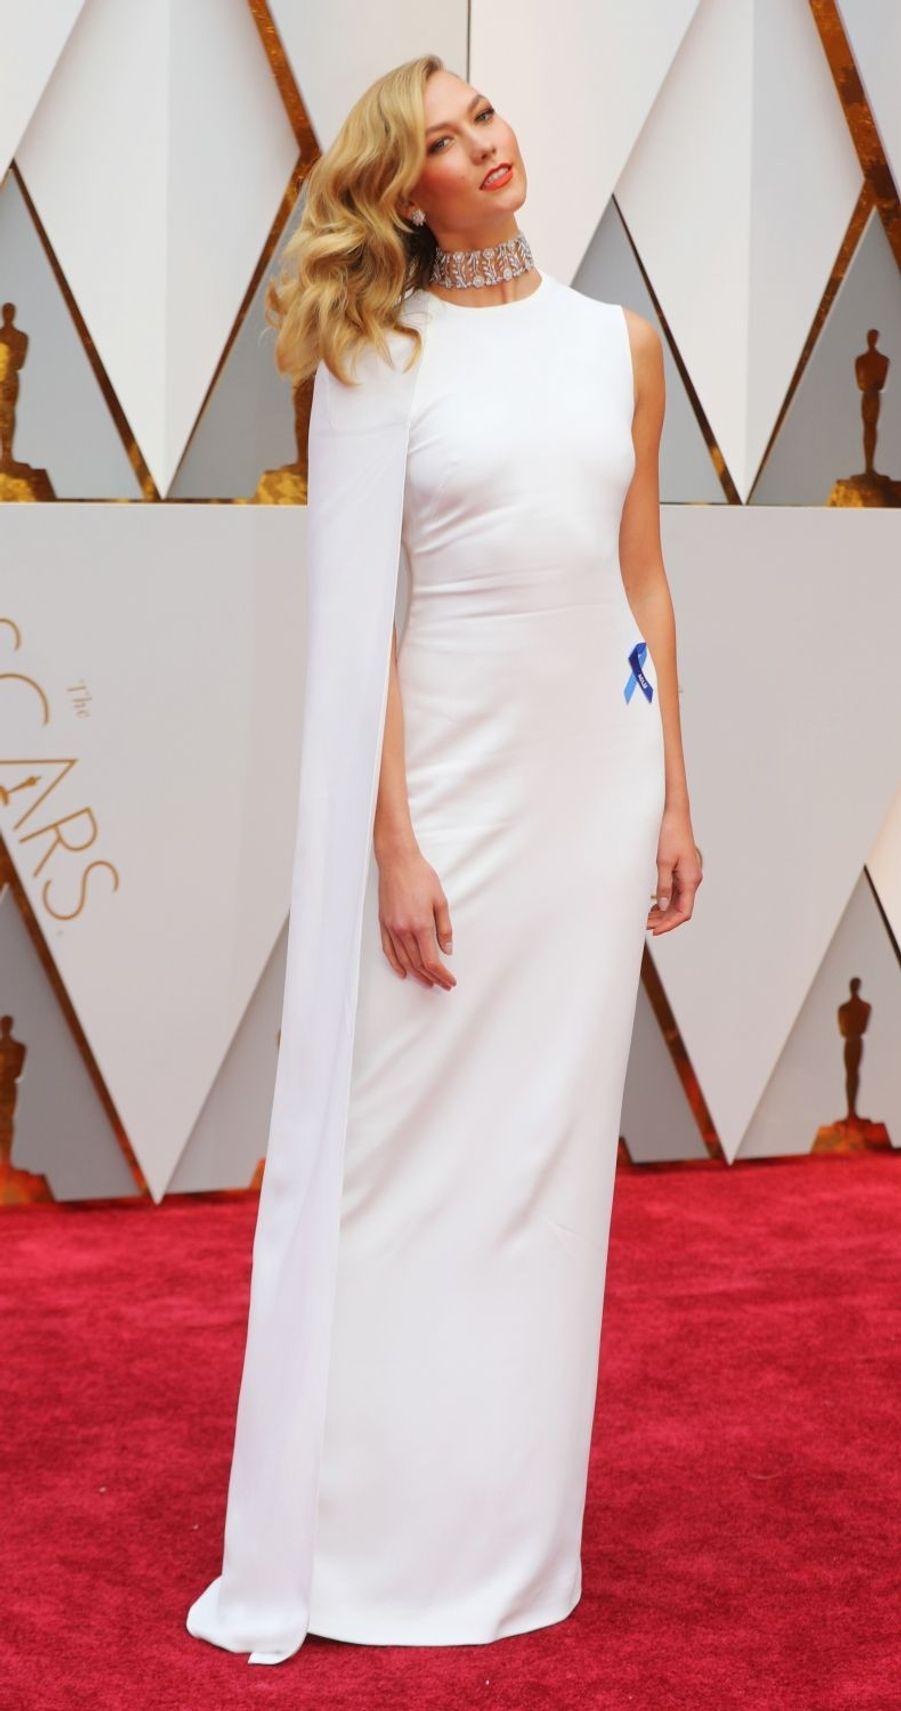 Karlie Kloss, en Stella McCartney, à la cérémonie des Oscars à Los Angeles le 26 février 2017